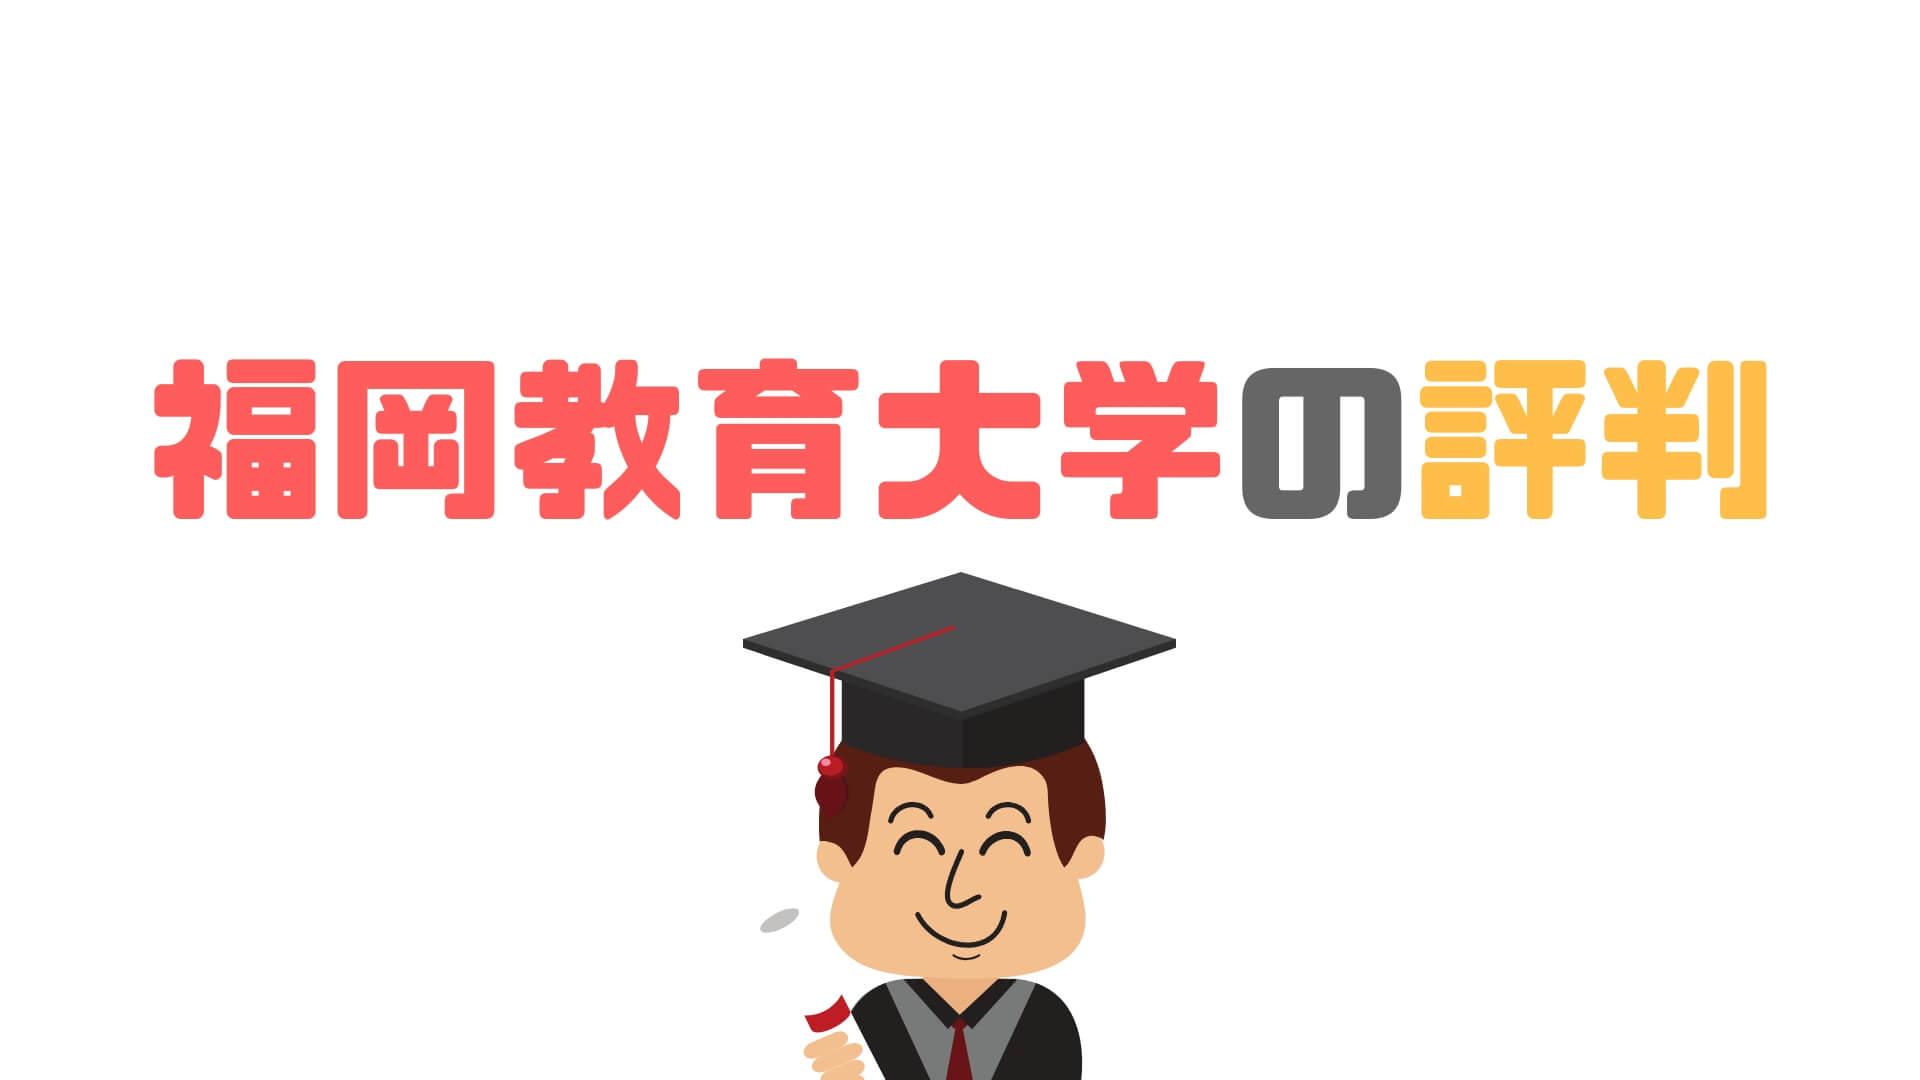 福岡教育大学の評判